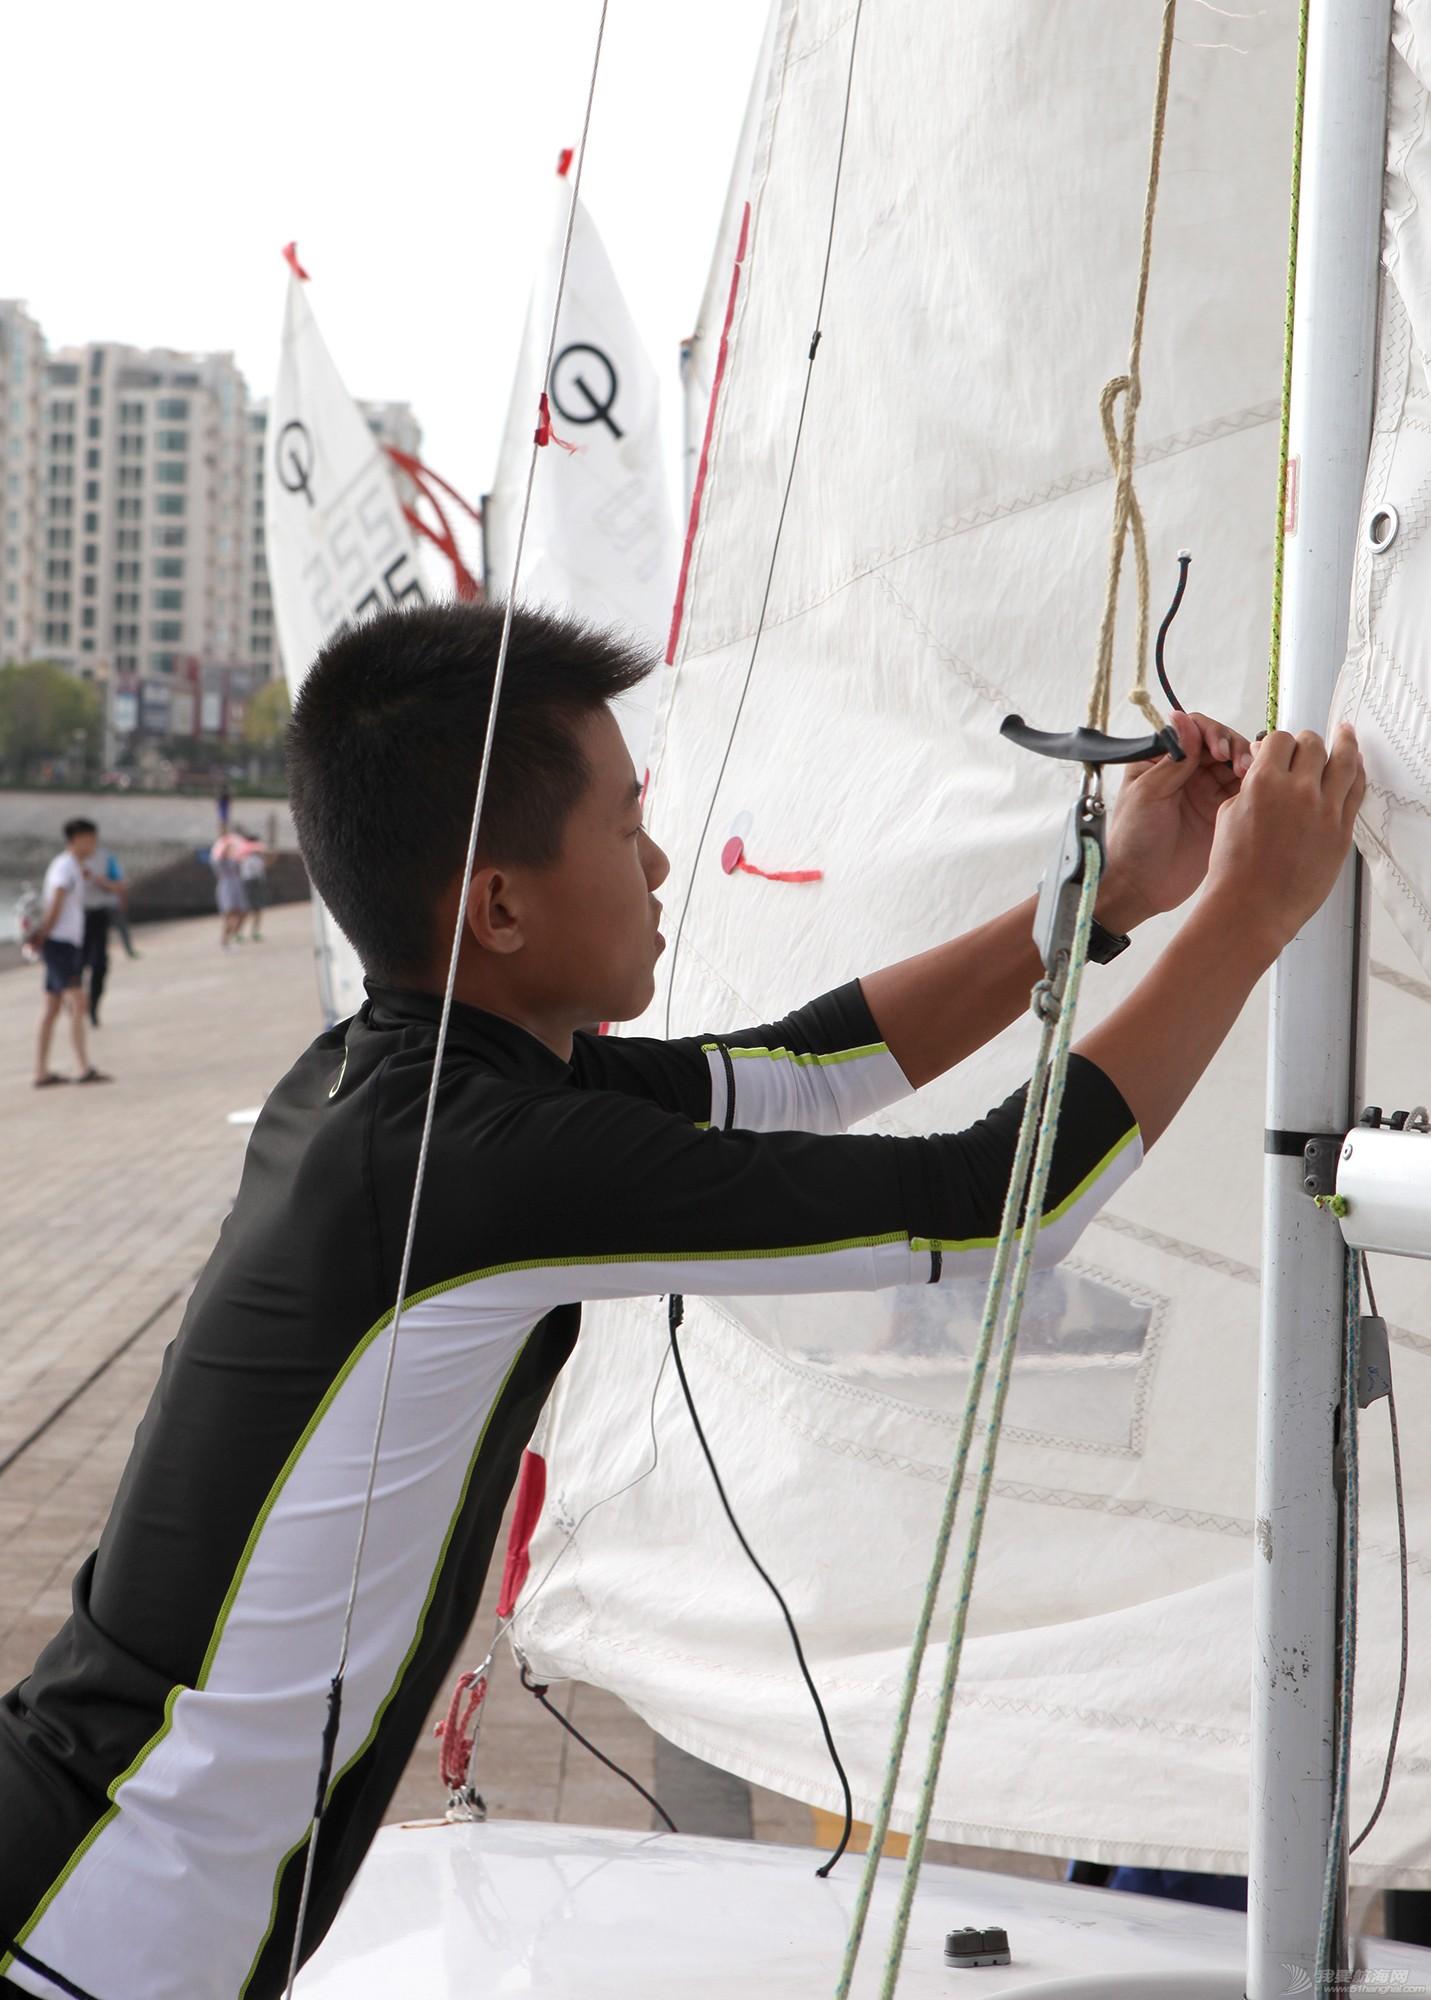 山东省,冠军赛,帆板,帆船 忙碌的赛前准备——山东省帆船帆板冠军赛花絮 IMG_7260.JPG